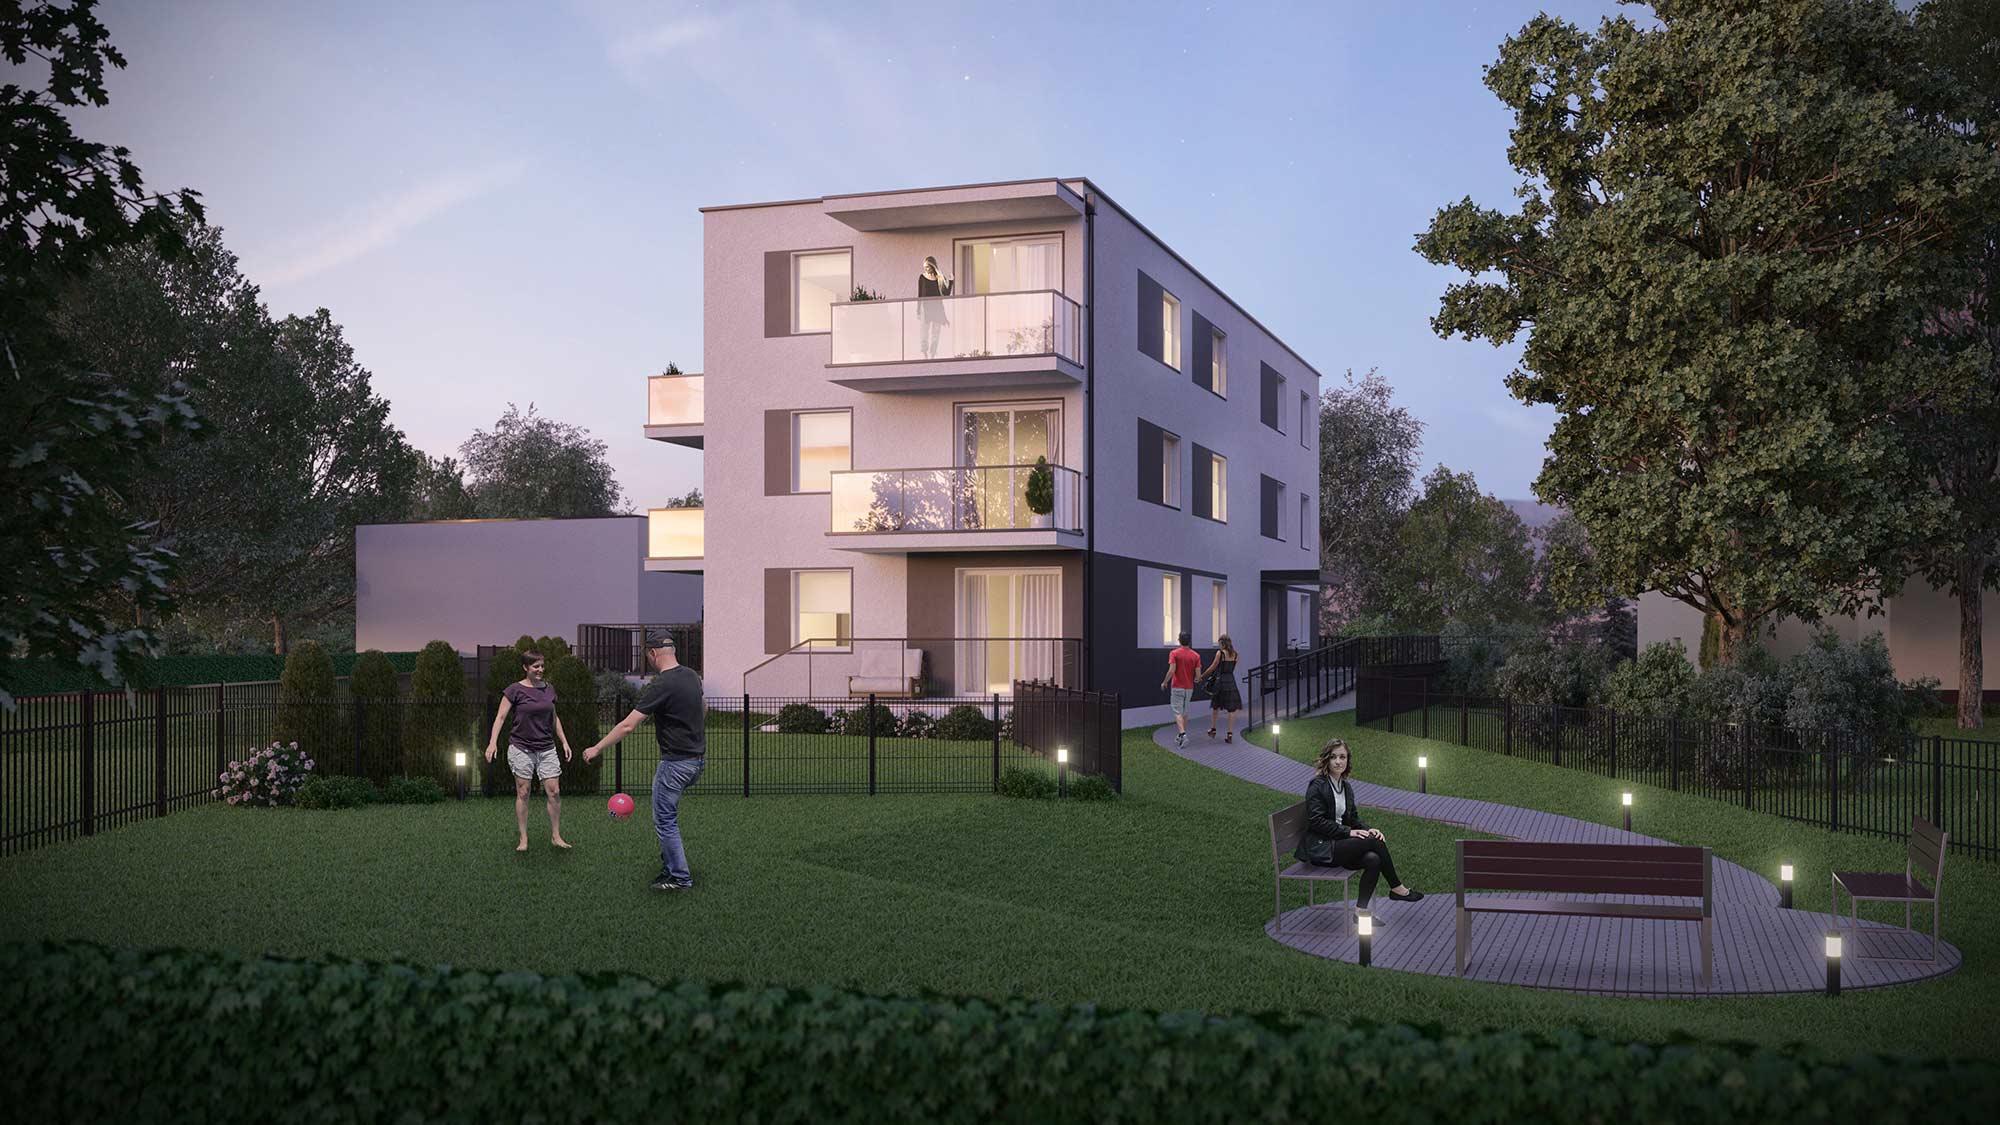 Olqus - mieszkania w zielonej, rekreacyjnej okolicy